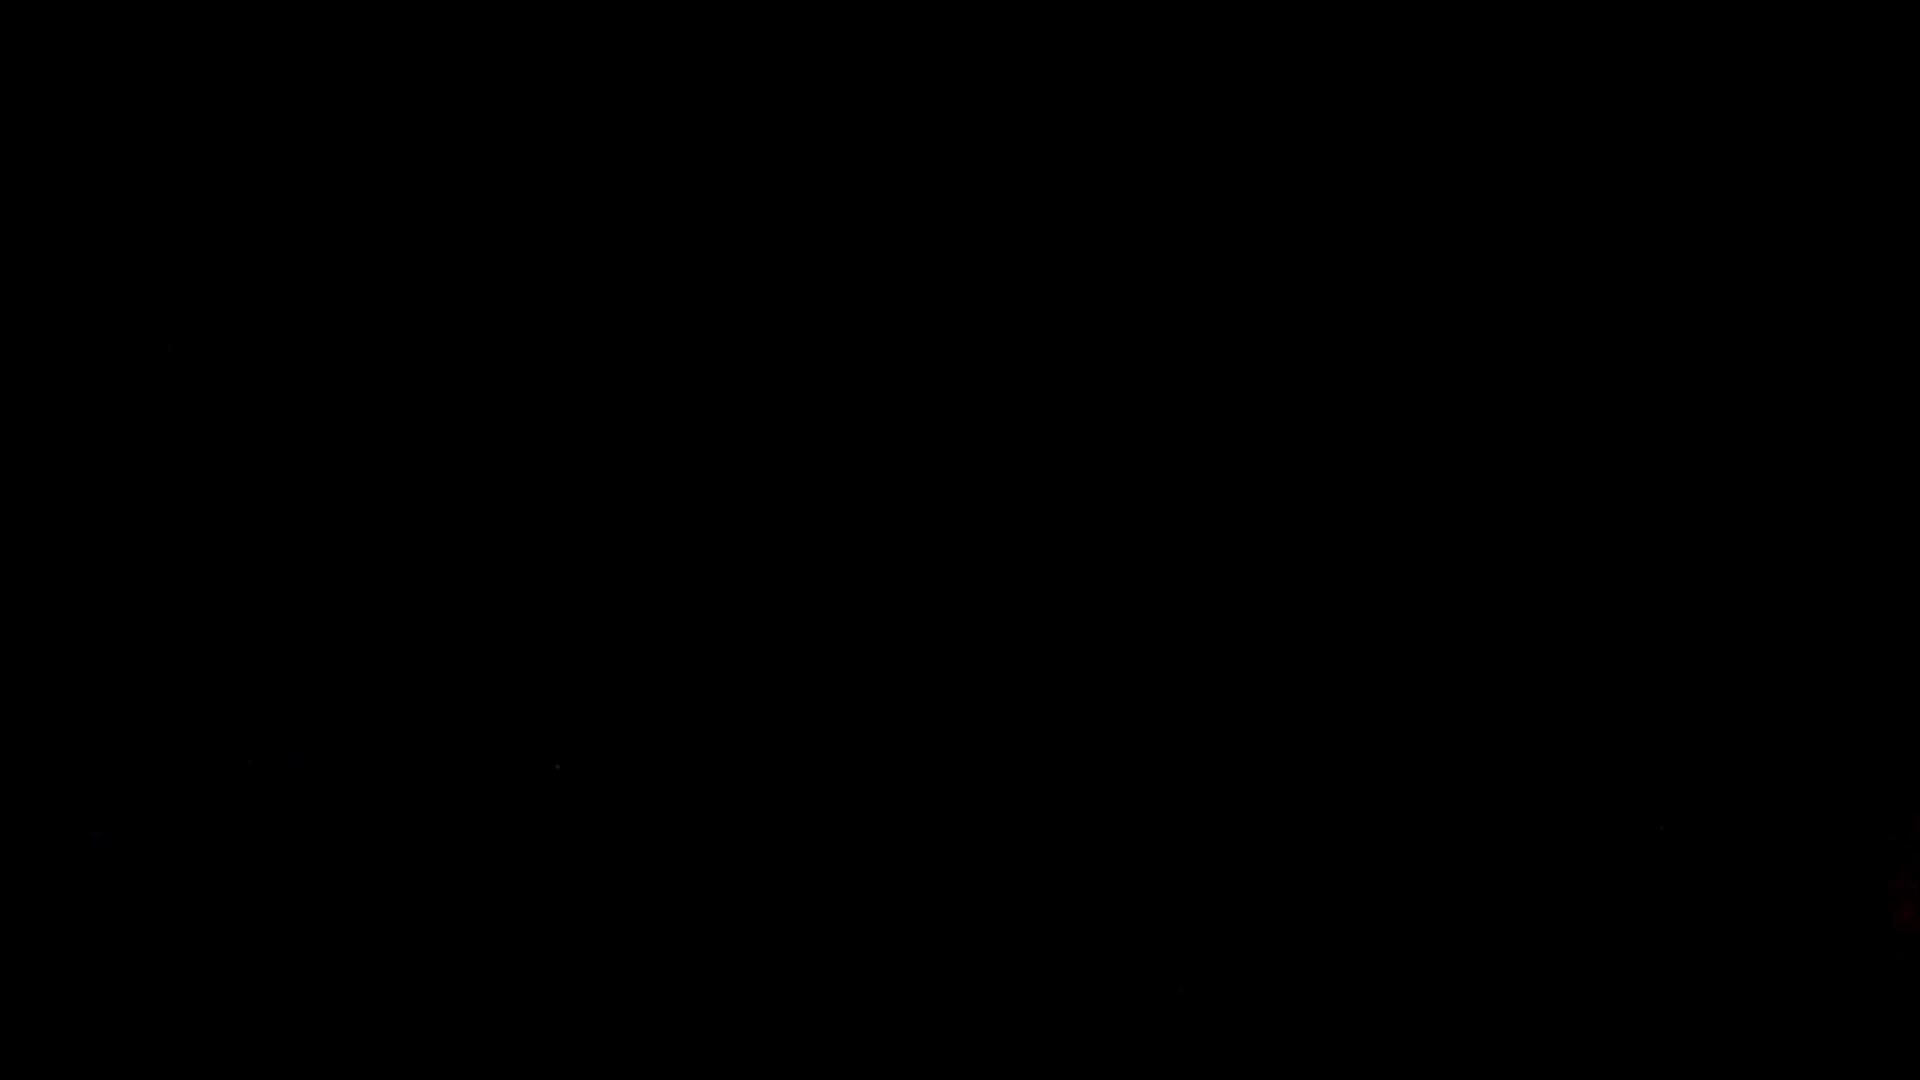 巨根 オナニー塾Vol.16 オナニー アダルトビデオ画像キャプチャ 106枚 74